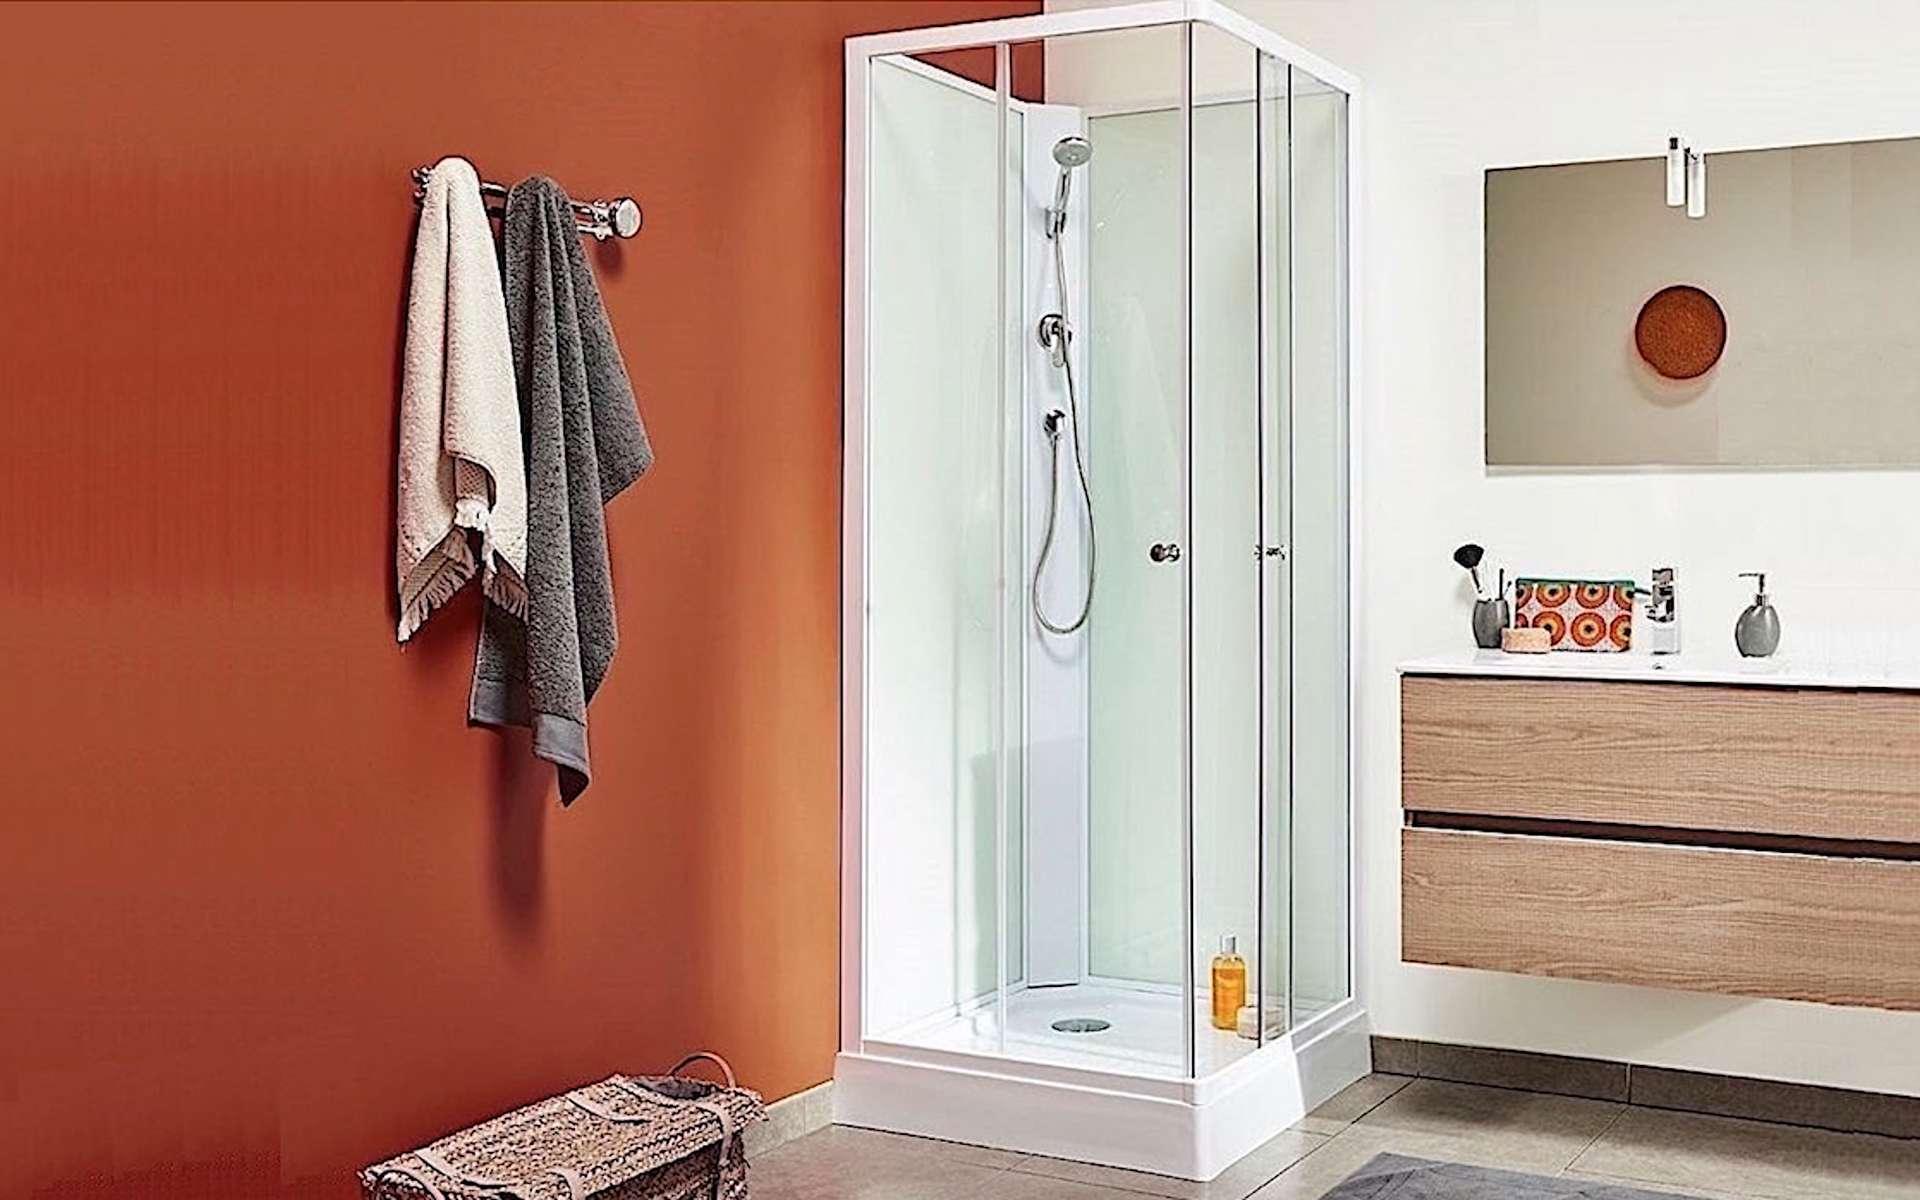 L'usage de la douche favorise les économies d'eau. © Bricozor